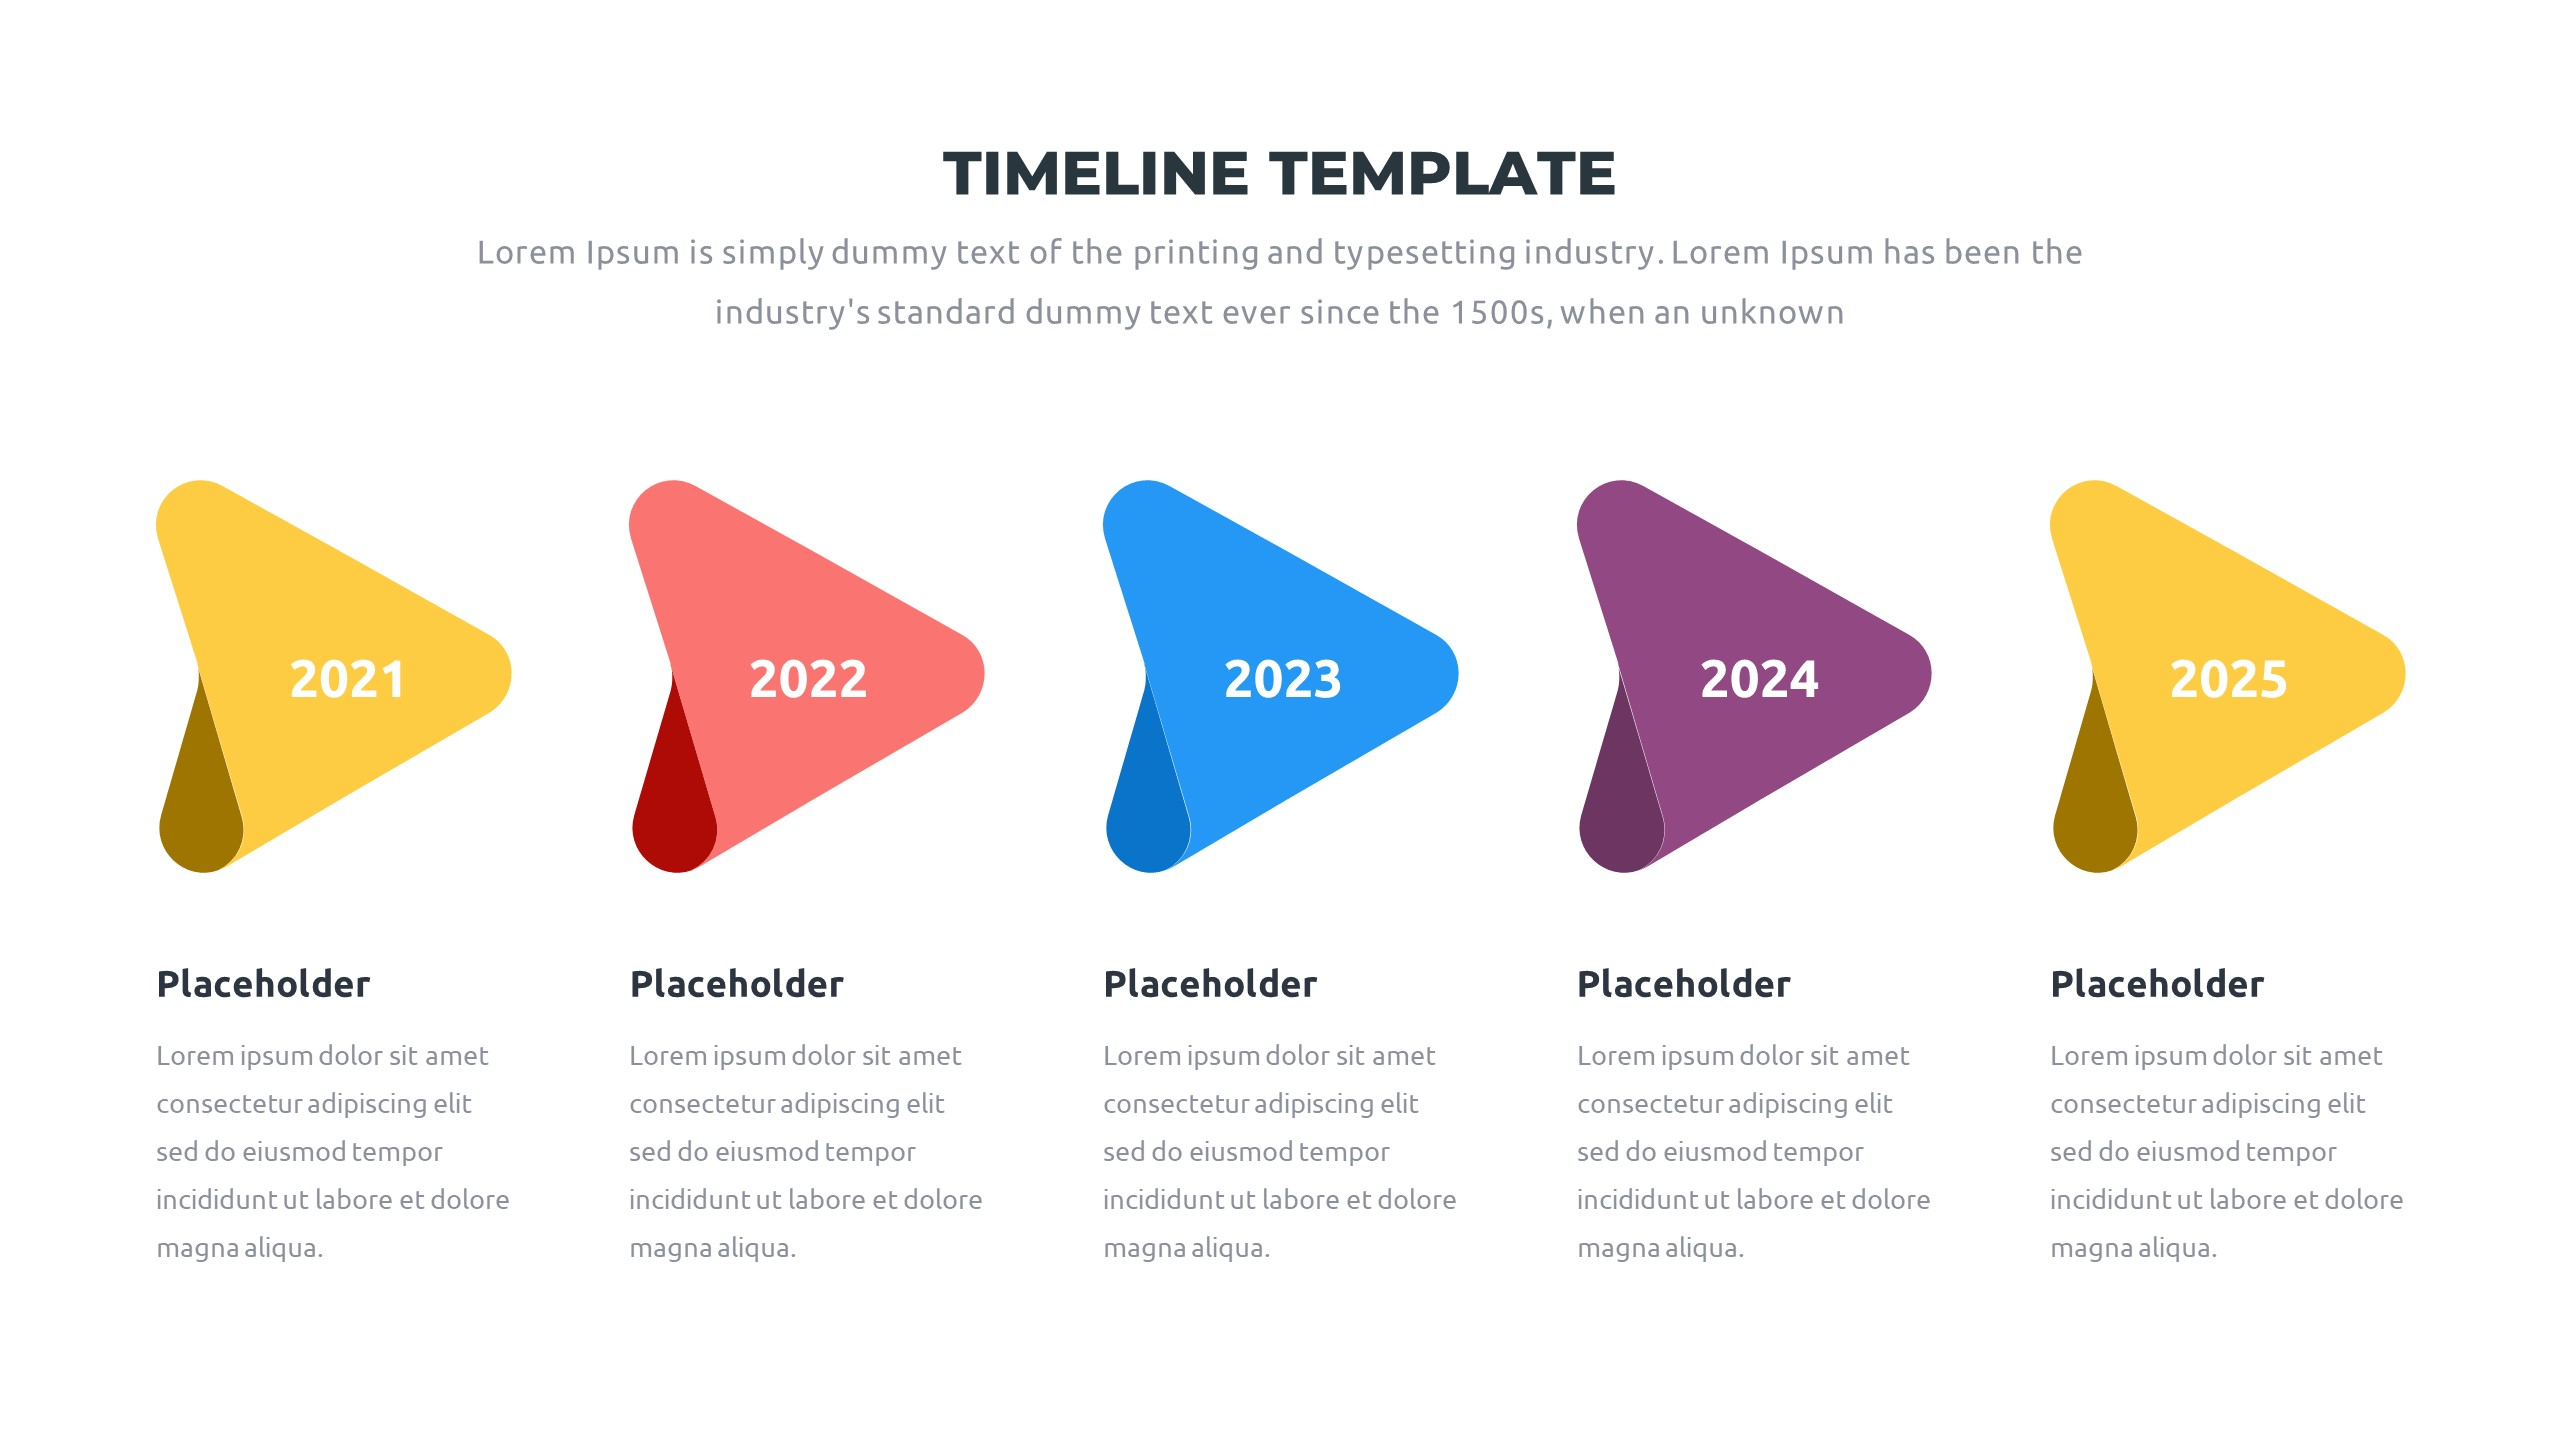 36 Timeline Presentation Templates: Powerpoint, Google Slides, Keynote - Slide36